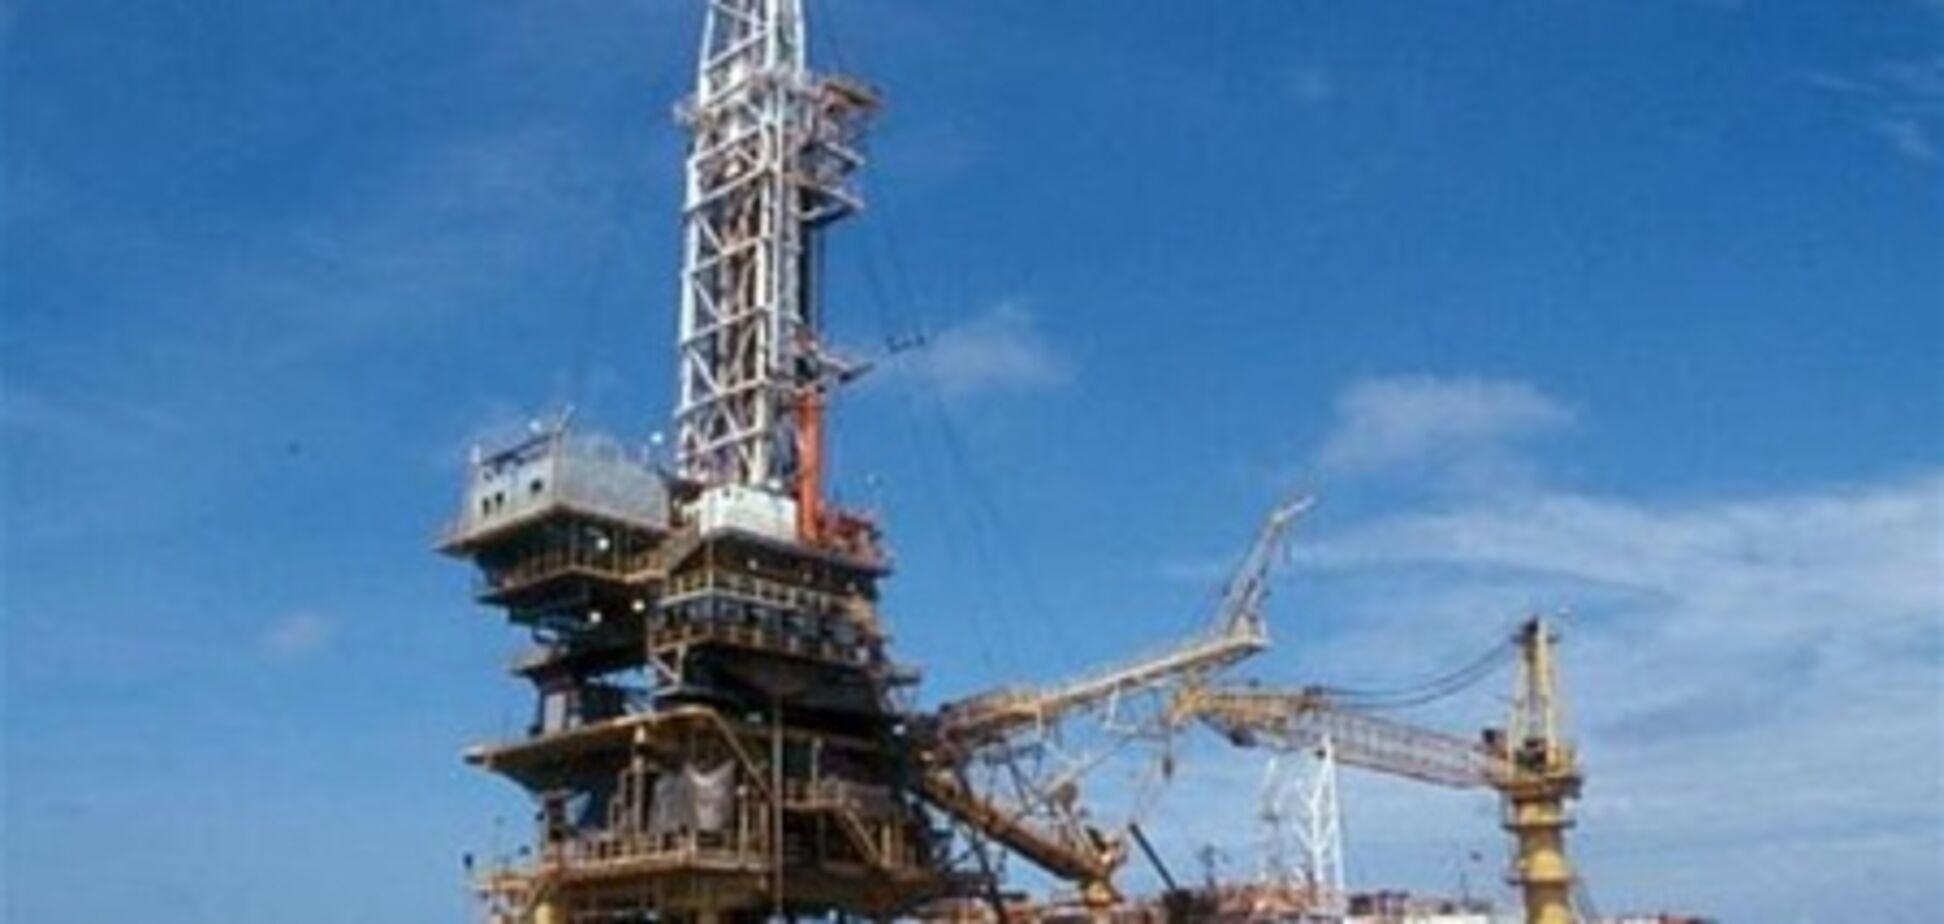 В Черном море началось бурение первой глубоководной нефтяной скважины